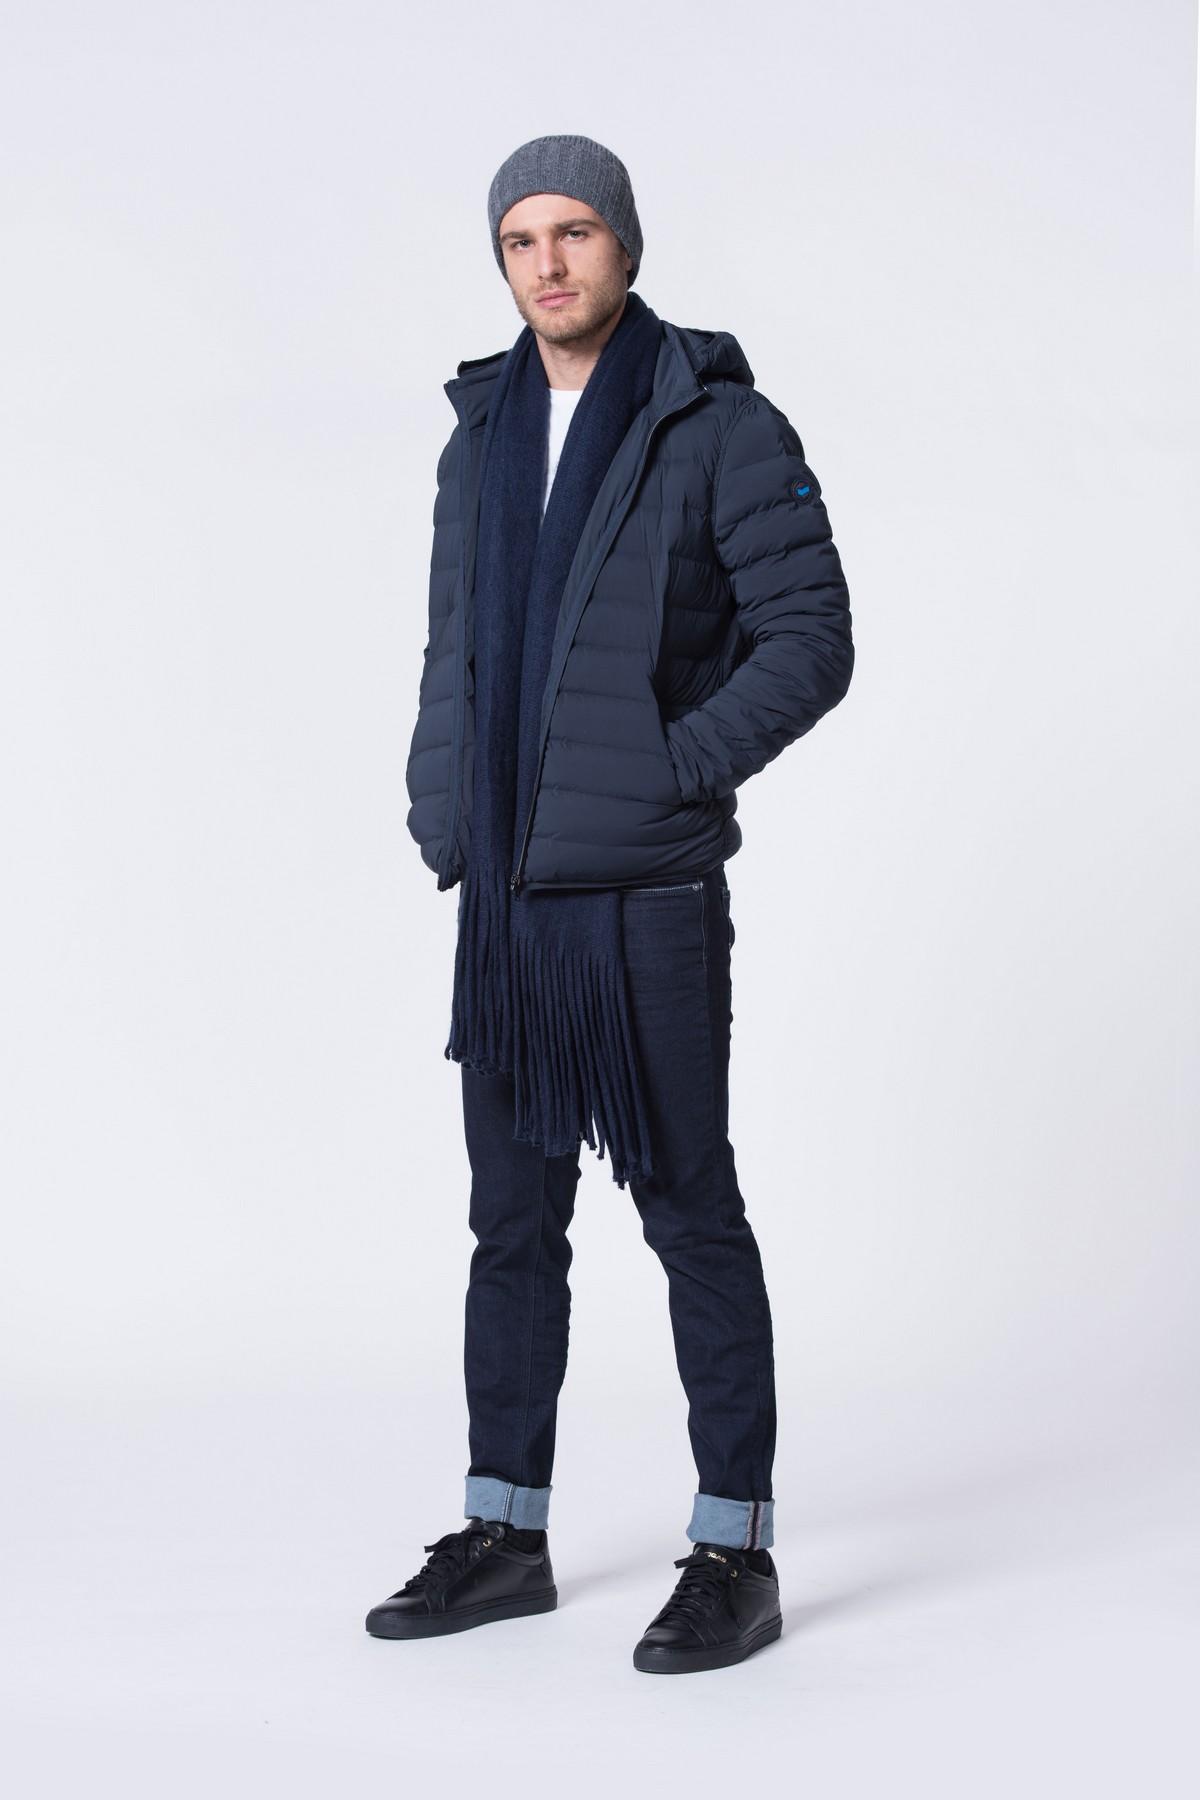 A Pitti Uomo 93, Gas Jeans presenta la nuova collezione autunno inverno  2018 2019